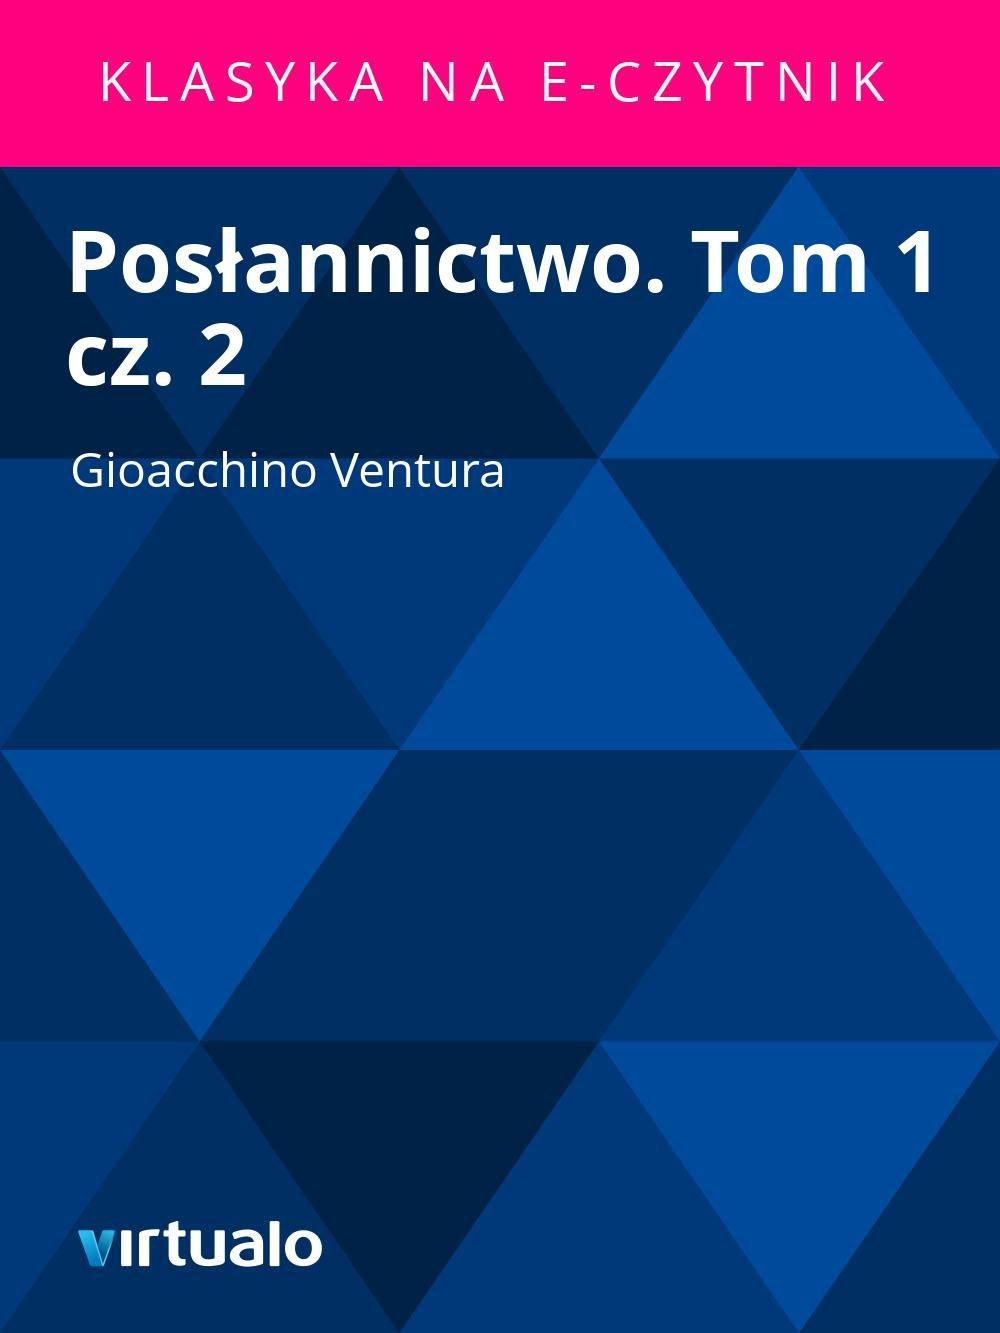 Posłannictwo. Tom 1 cz. 2 - Ebook (Książka EPUB) do pobrania w formacie EPUB